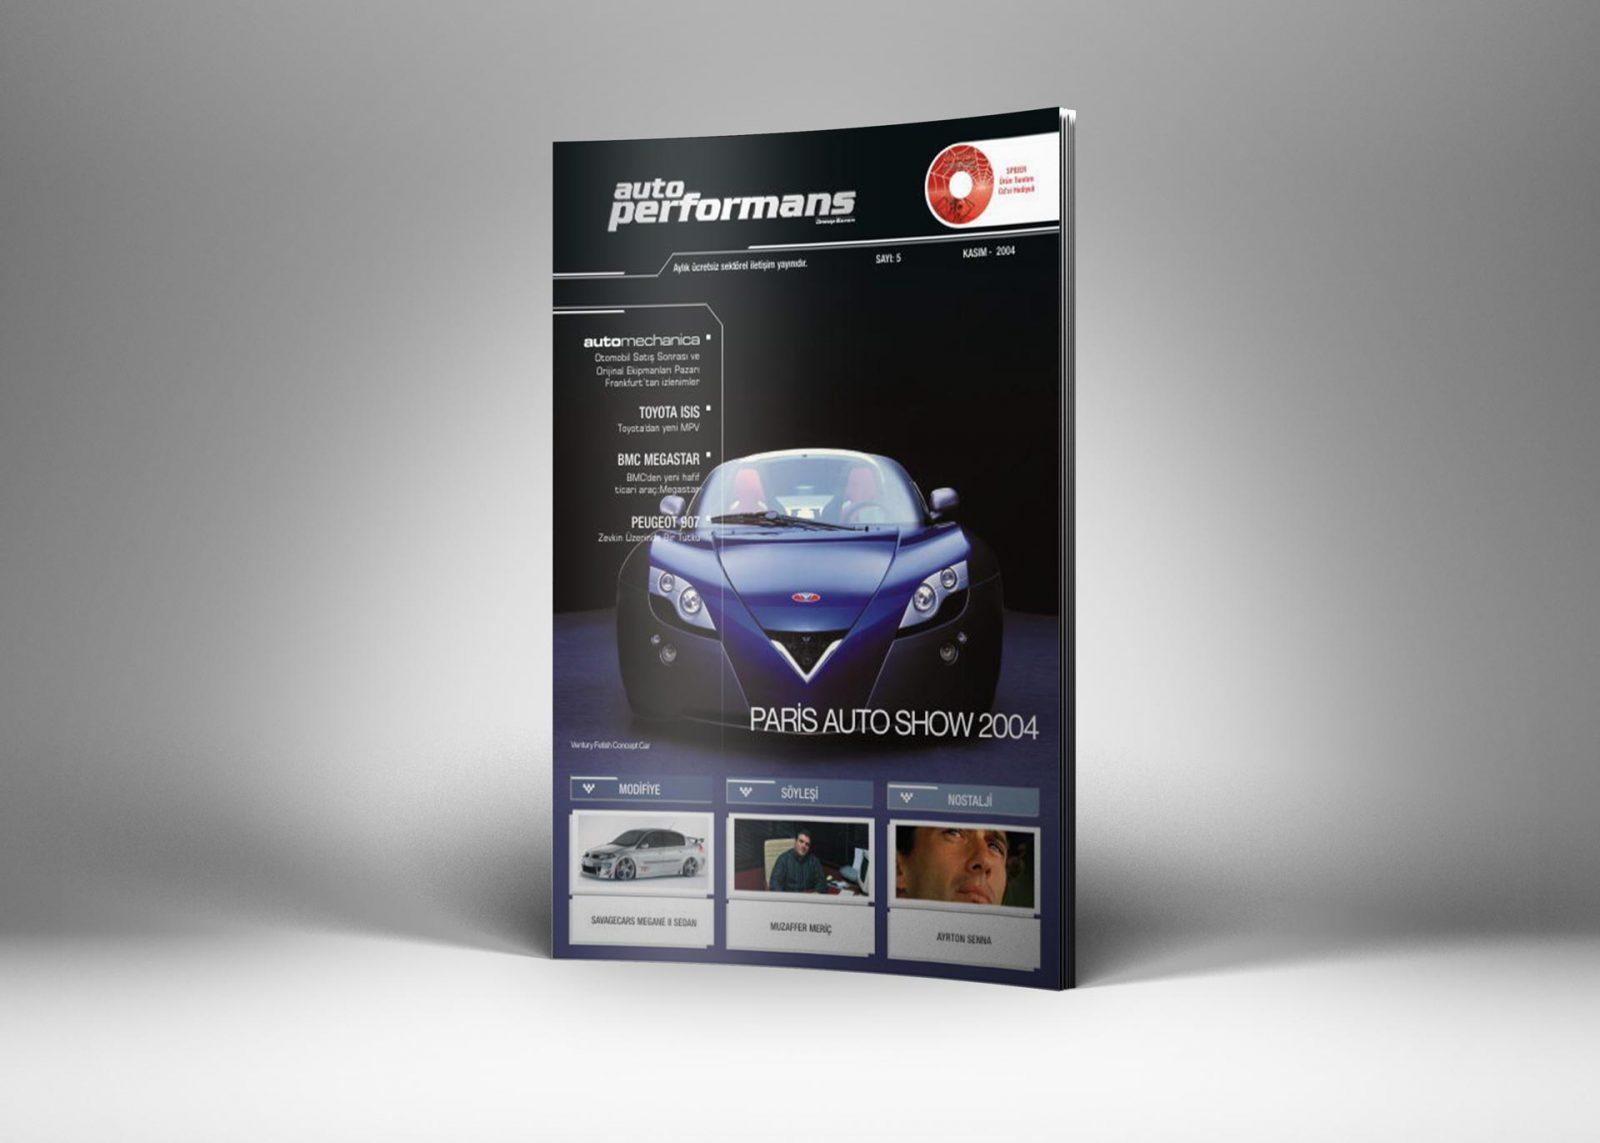 autoperformans dergisi tasarımı 01